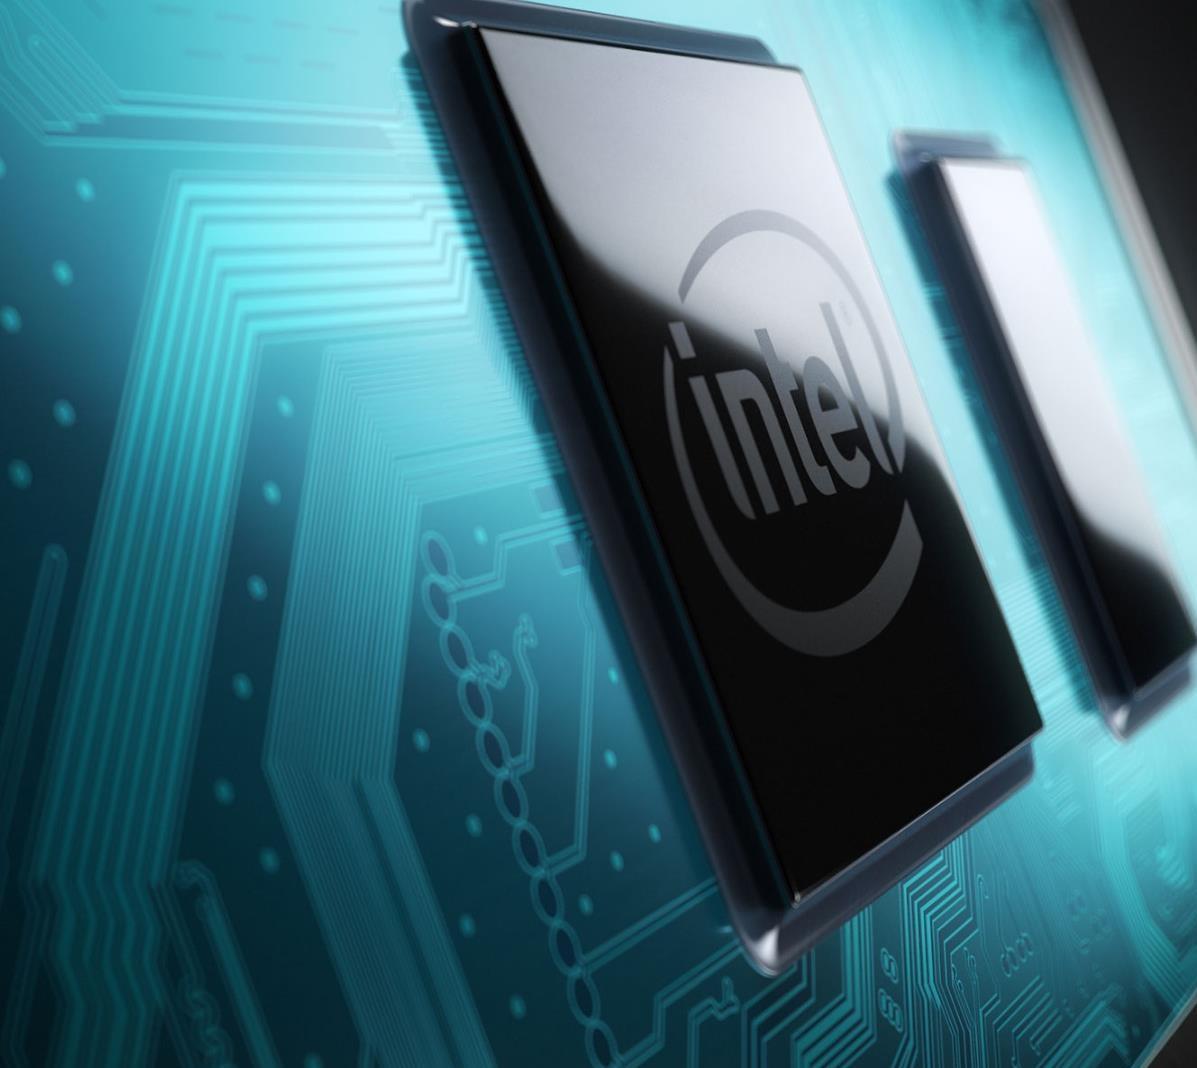 4 ядра и частота до 4,7 ГГц. Подтверждены характеристики топового мобильного процессора Intel Core i7-1185G7